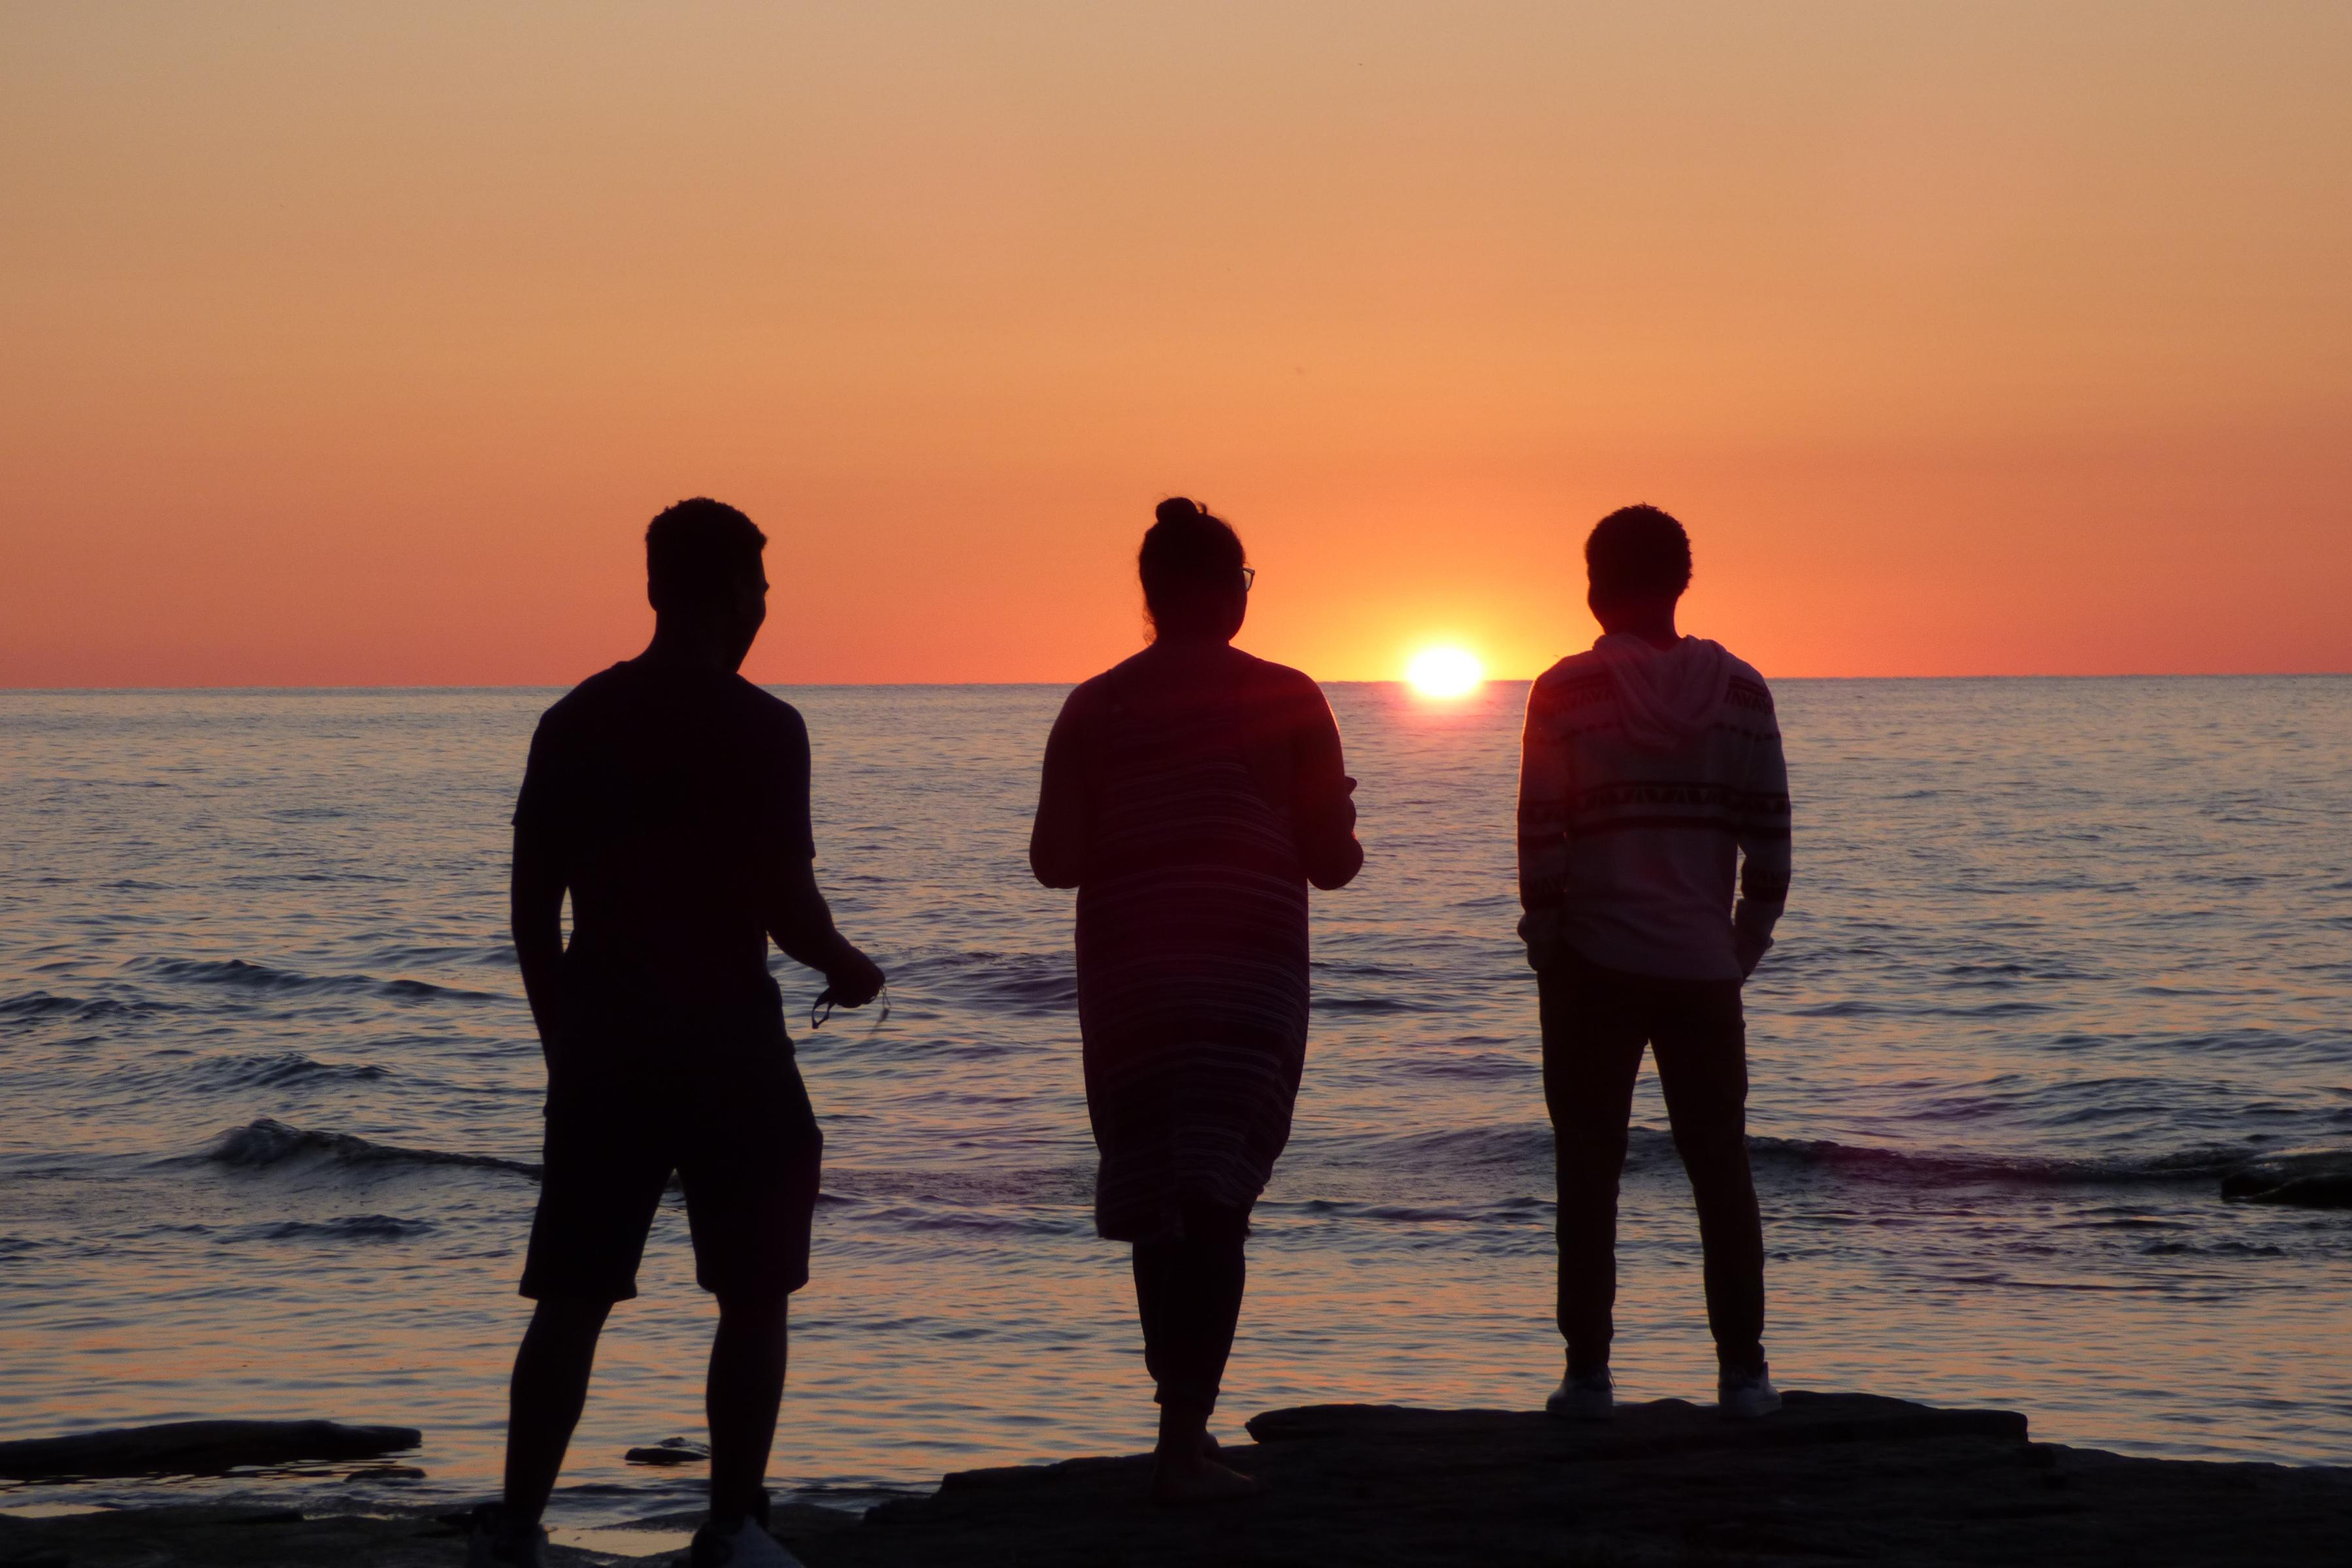 SUNY Oswego students enjoying summer on Lake Ontario